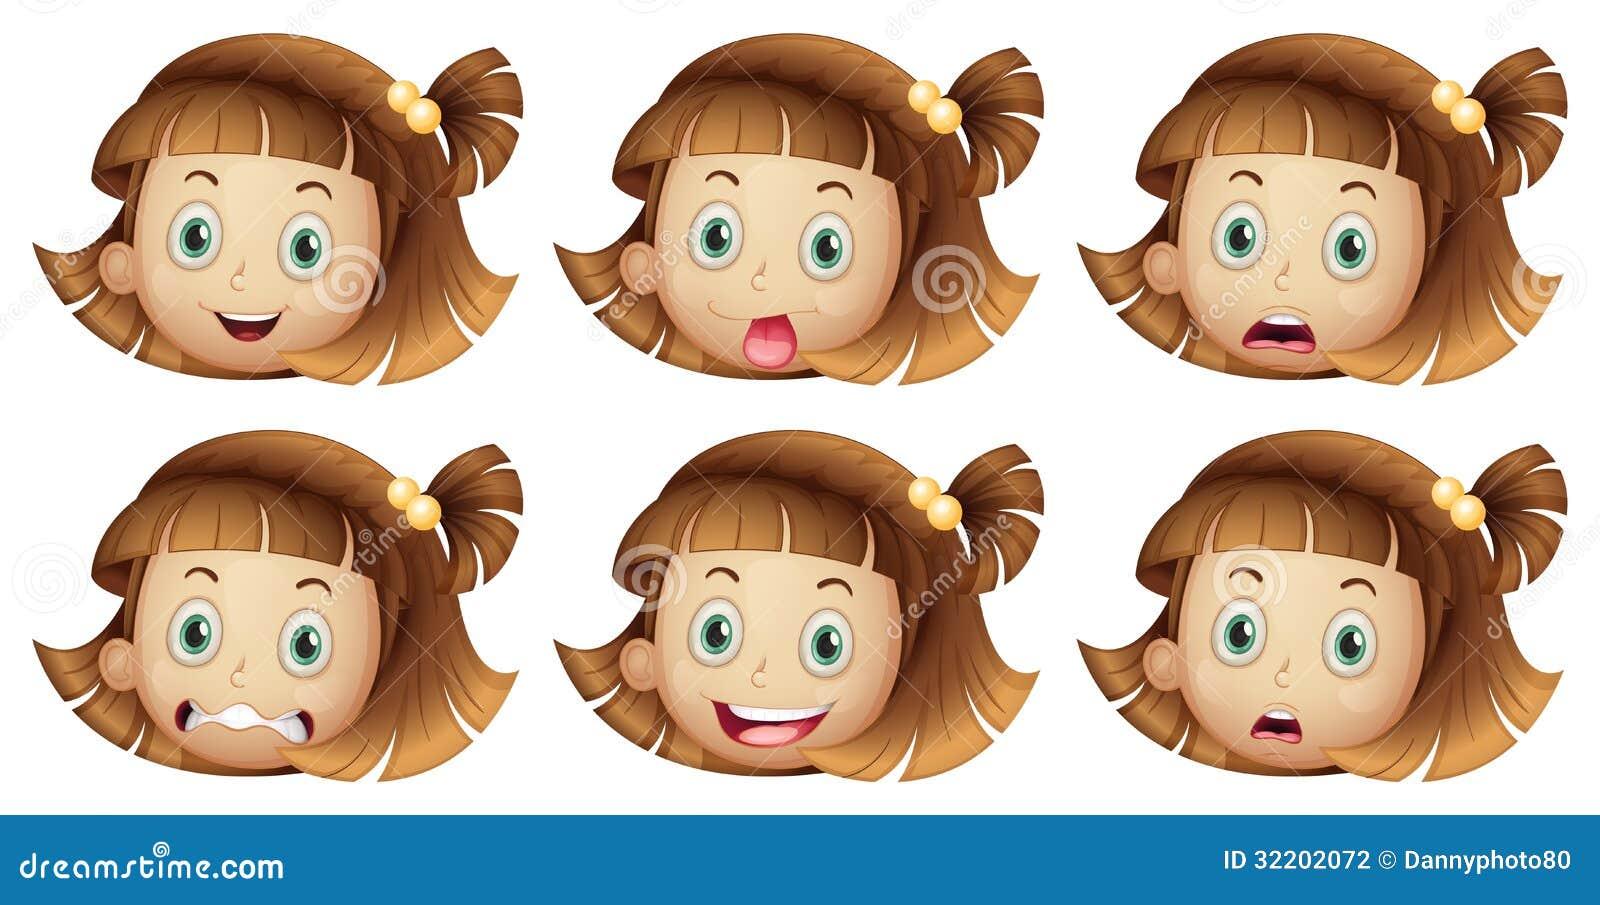 Meninos E Meninas De Nacionalidades Diferentes Childre: Expressões Faciais Diferentes De Uma Menina Fotografia De